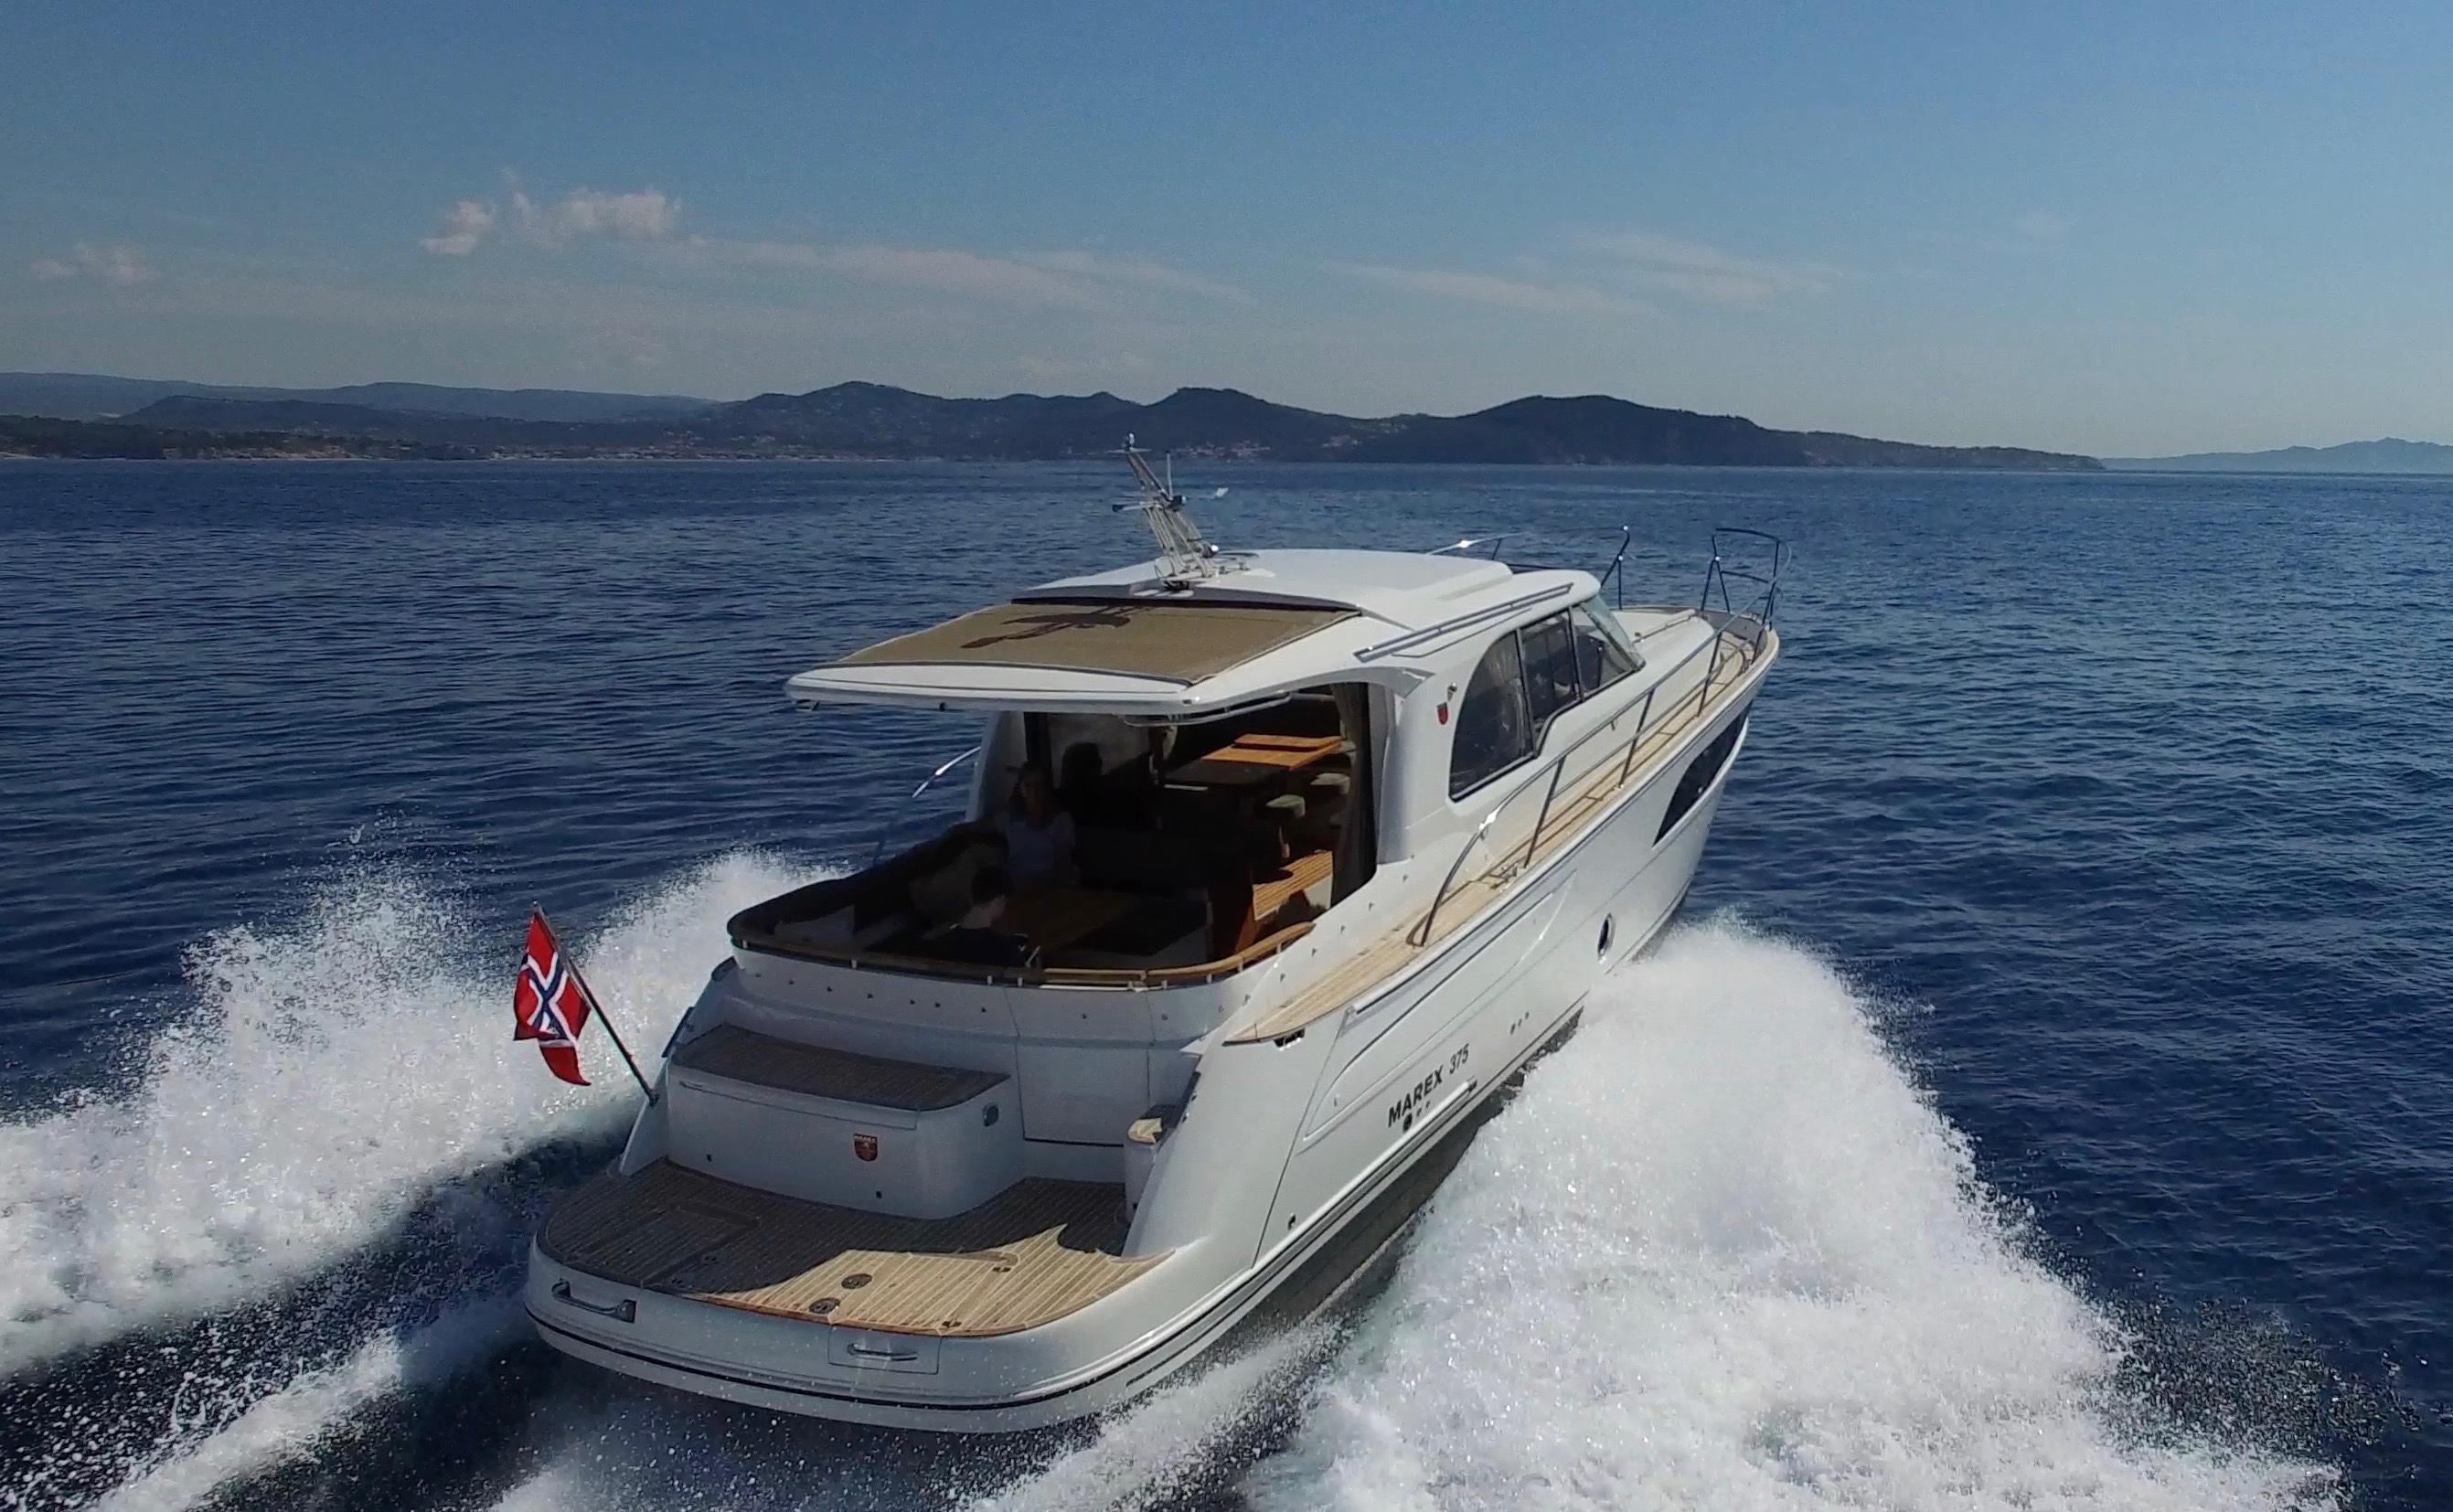 2017 marex 375 moteur bateau vendre. Black Bedroom Furniture Sets. Home Design Ideas